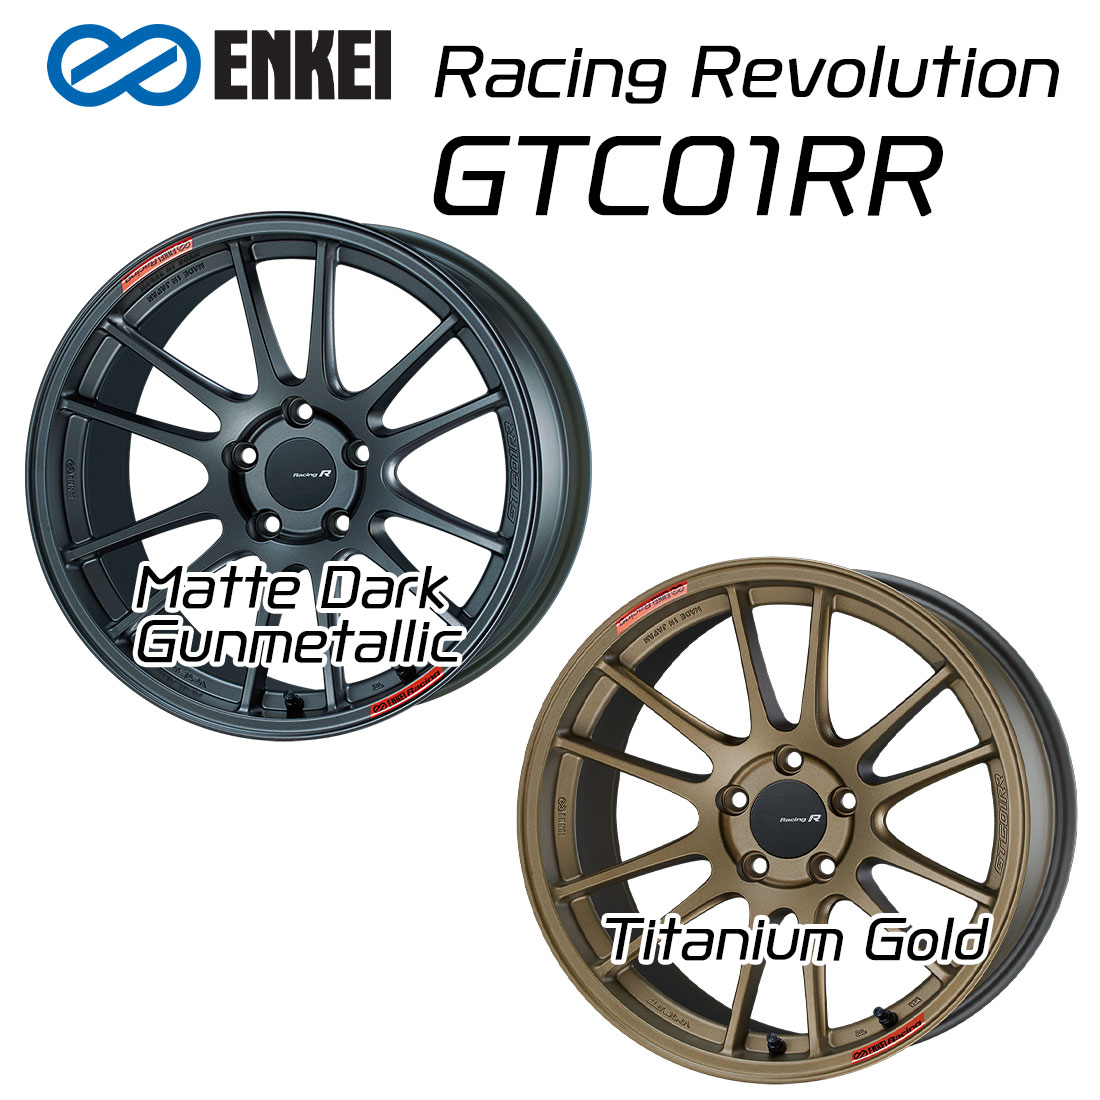 エンケイ ホイール レーシングレボリューション GTC01RR 18インチ 11J ENKEI Racing Revolution マット ダーク ガンメタリック チタニウム ゴールド 車 かっこいい